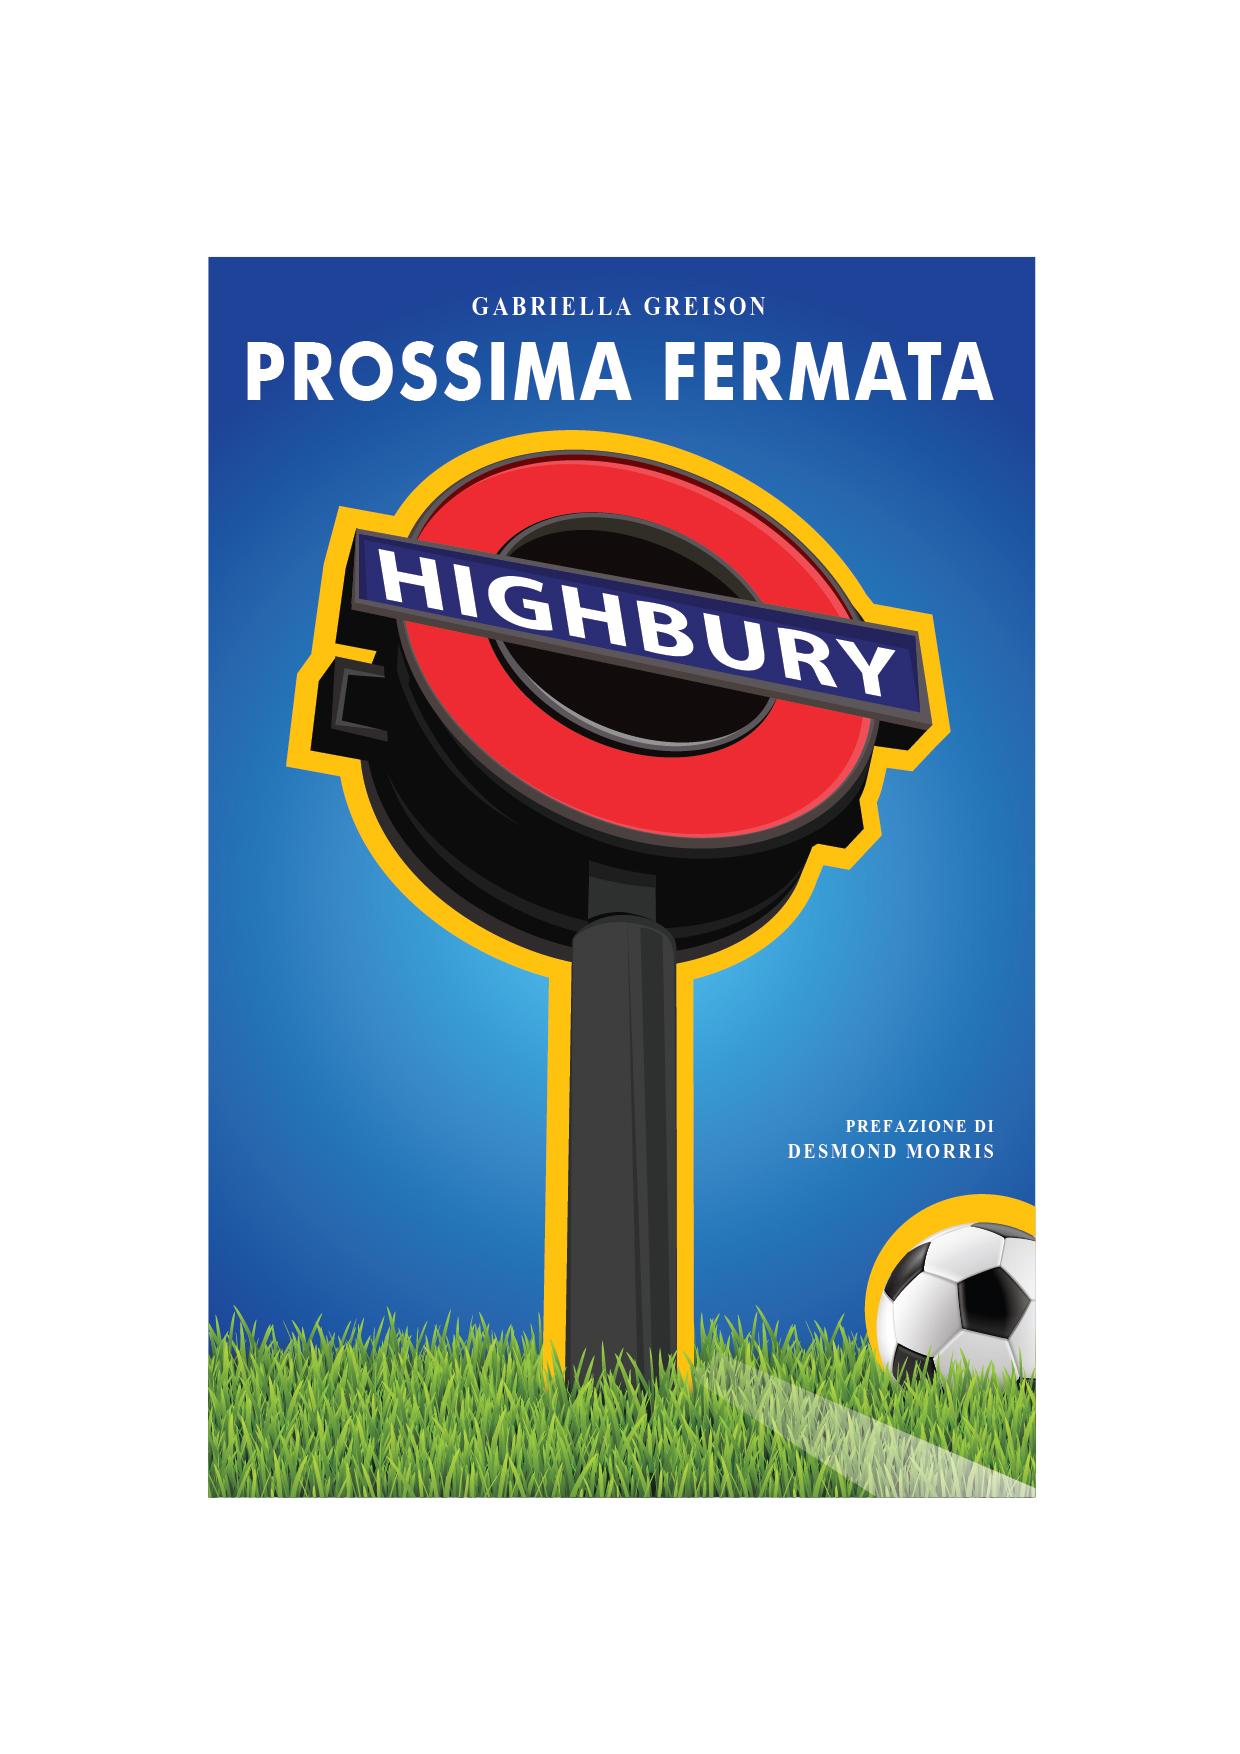 #ProssimaFermataHighbury new edition! Ecco l'intera PREFAZIONE di #DesmondMorris!!!